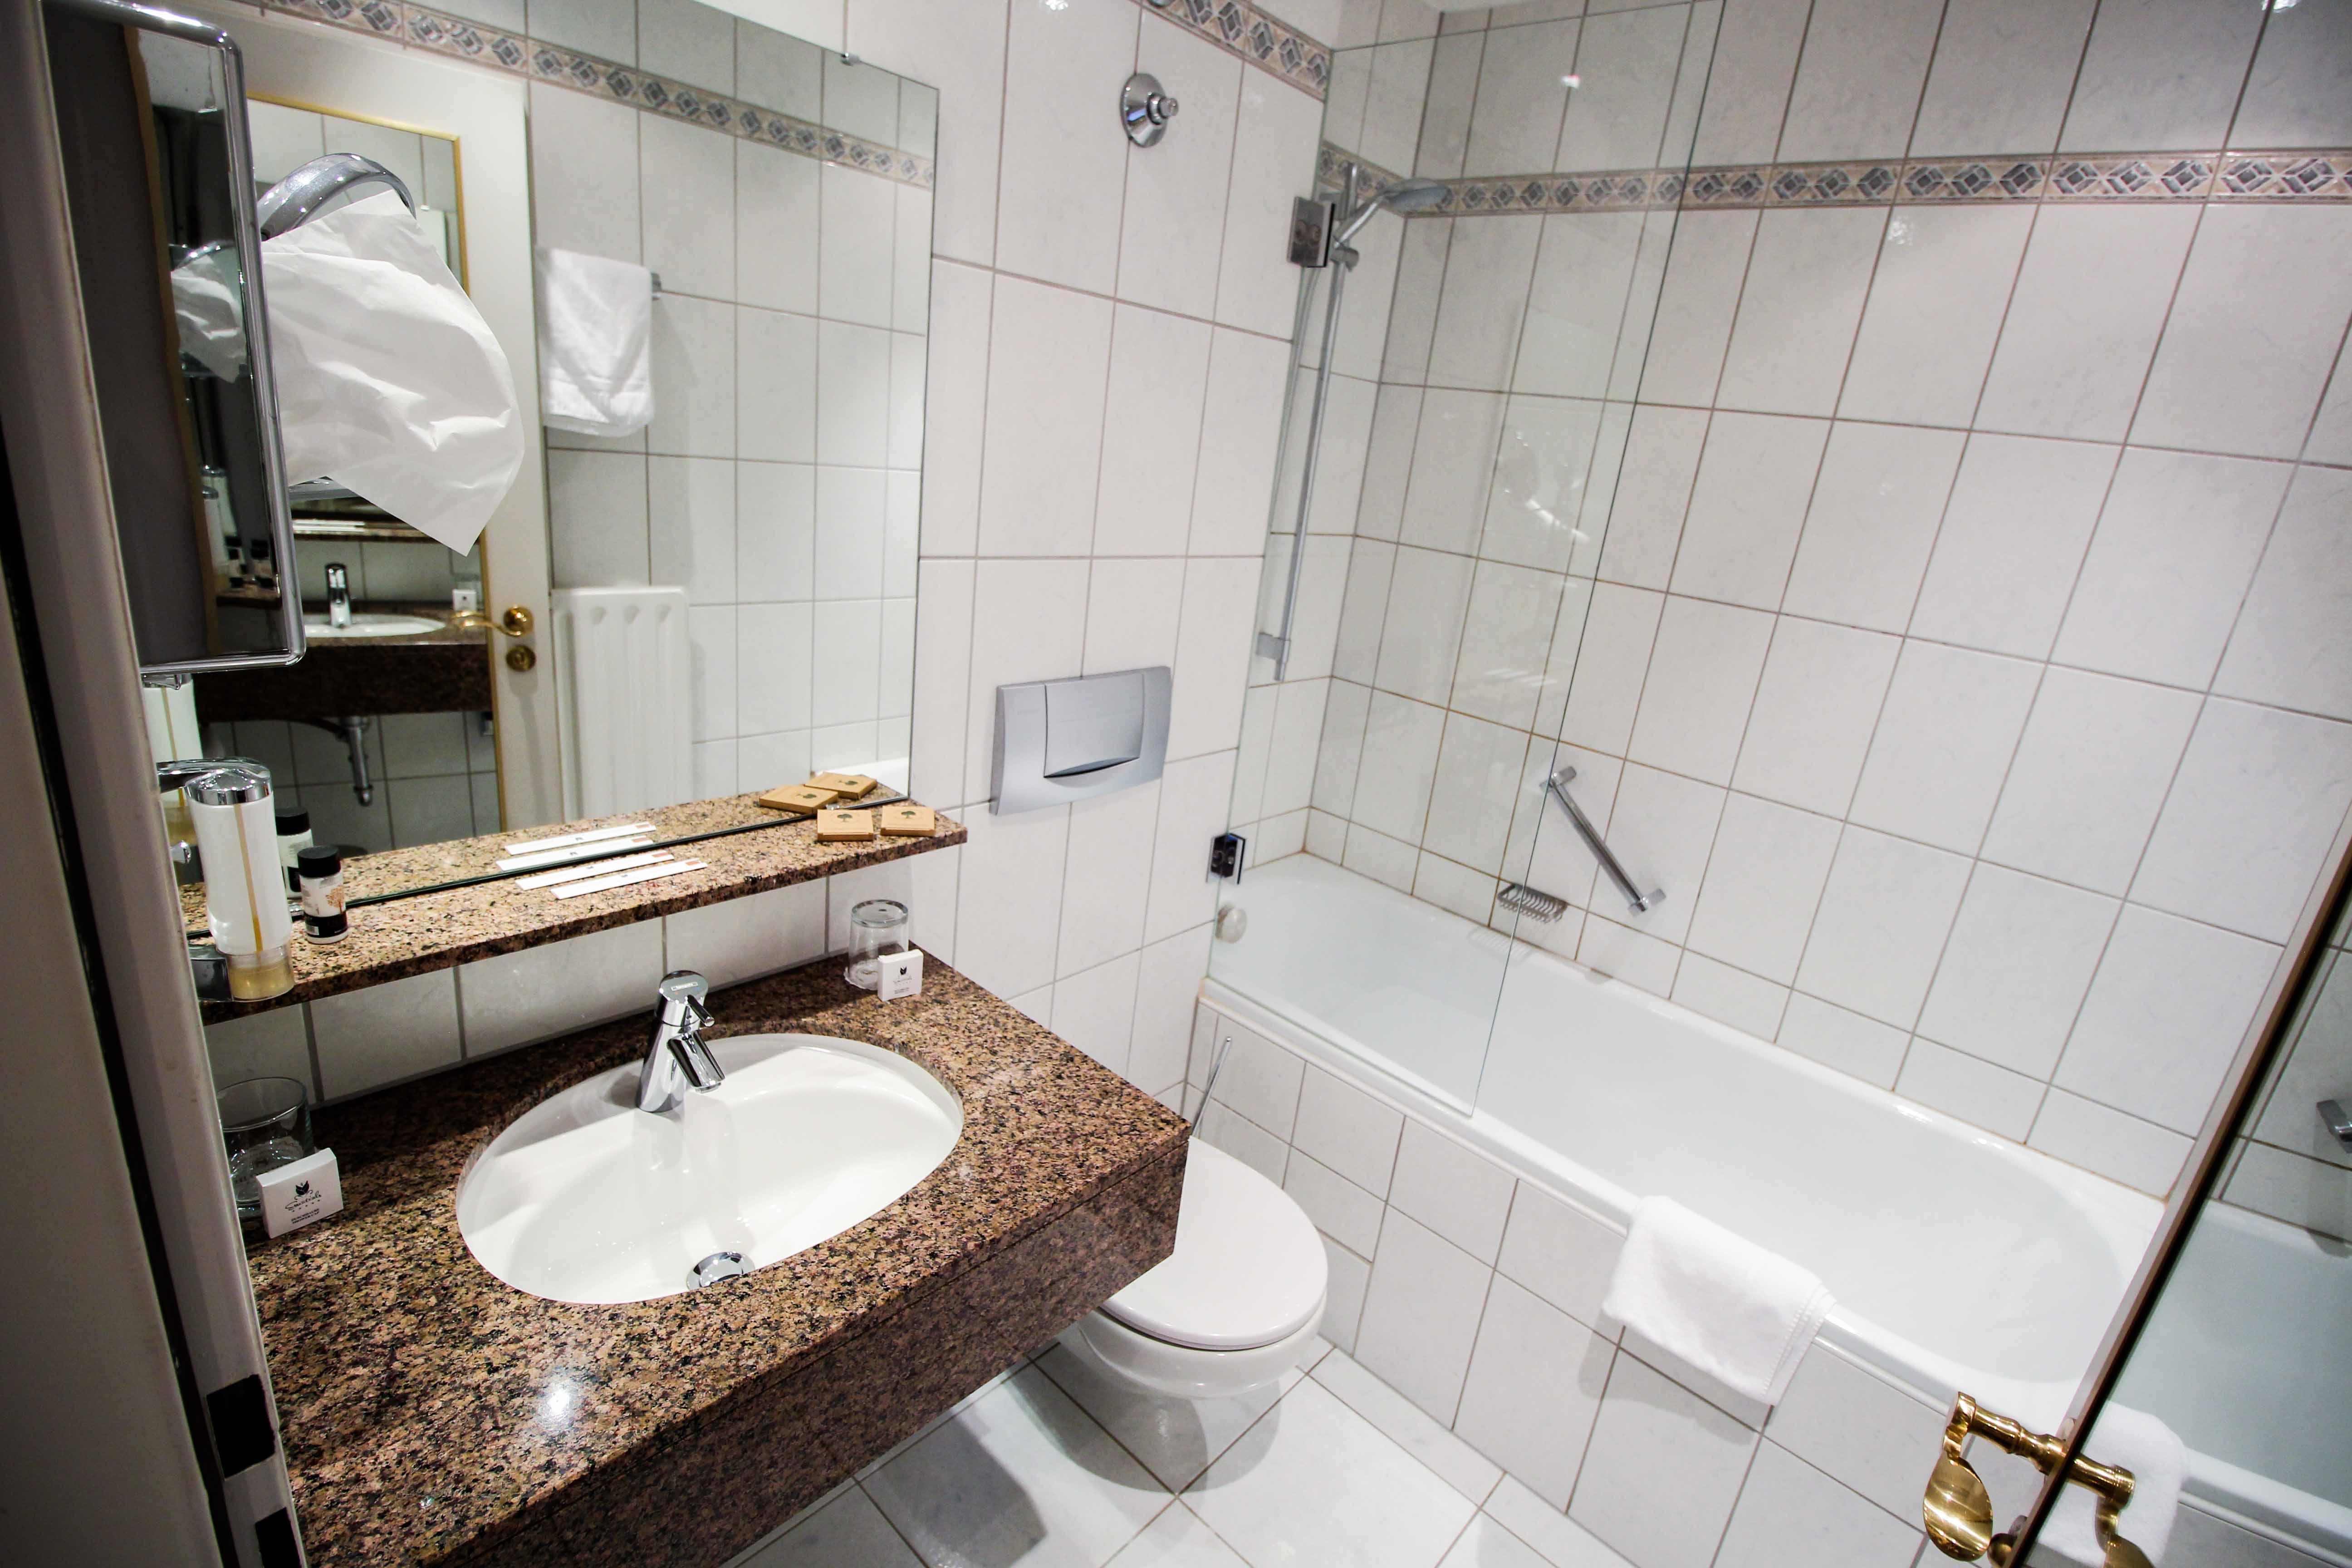 Schlosshotel Karlsruhe Badezimmer Luxushotel Hotel Review Reiseblog Brinisfashionbook